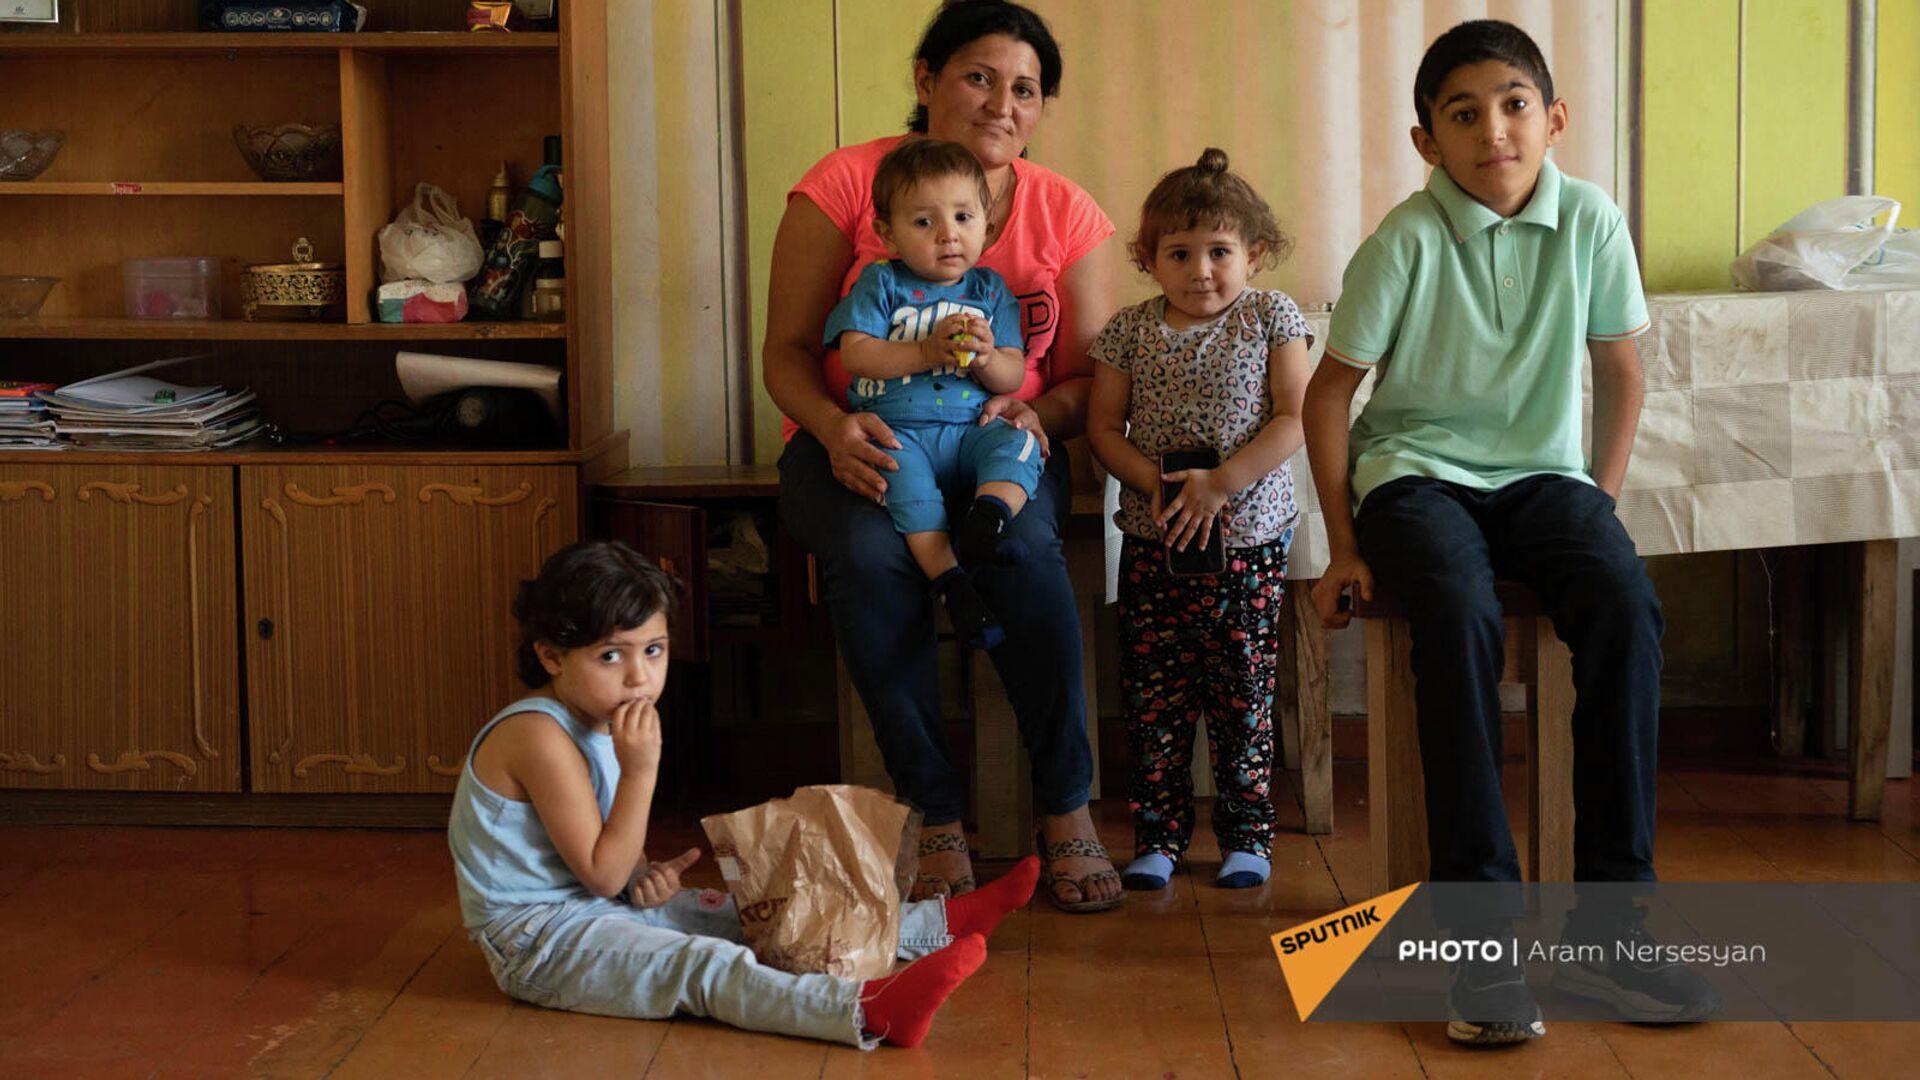 Лиана Жамгарян с детьми - Арутом, Ованнесом, Мерине и Анной - Sputnik Армения, 1920, 25.09.2021